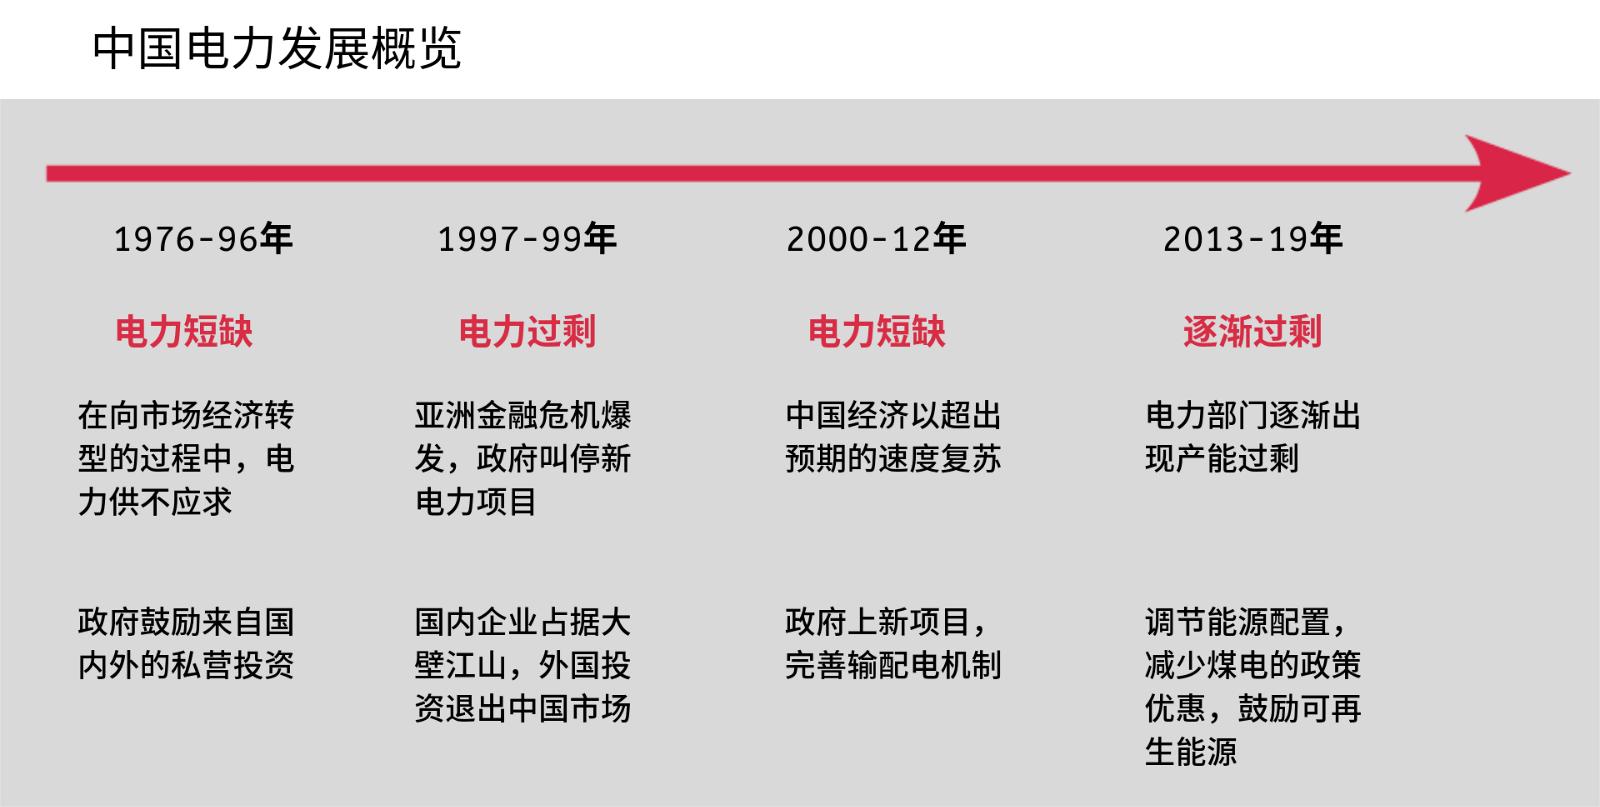 中国电力发展概览